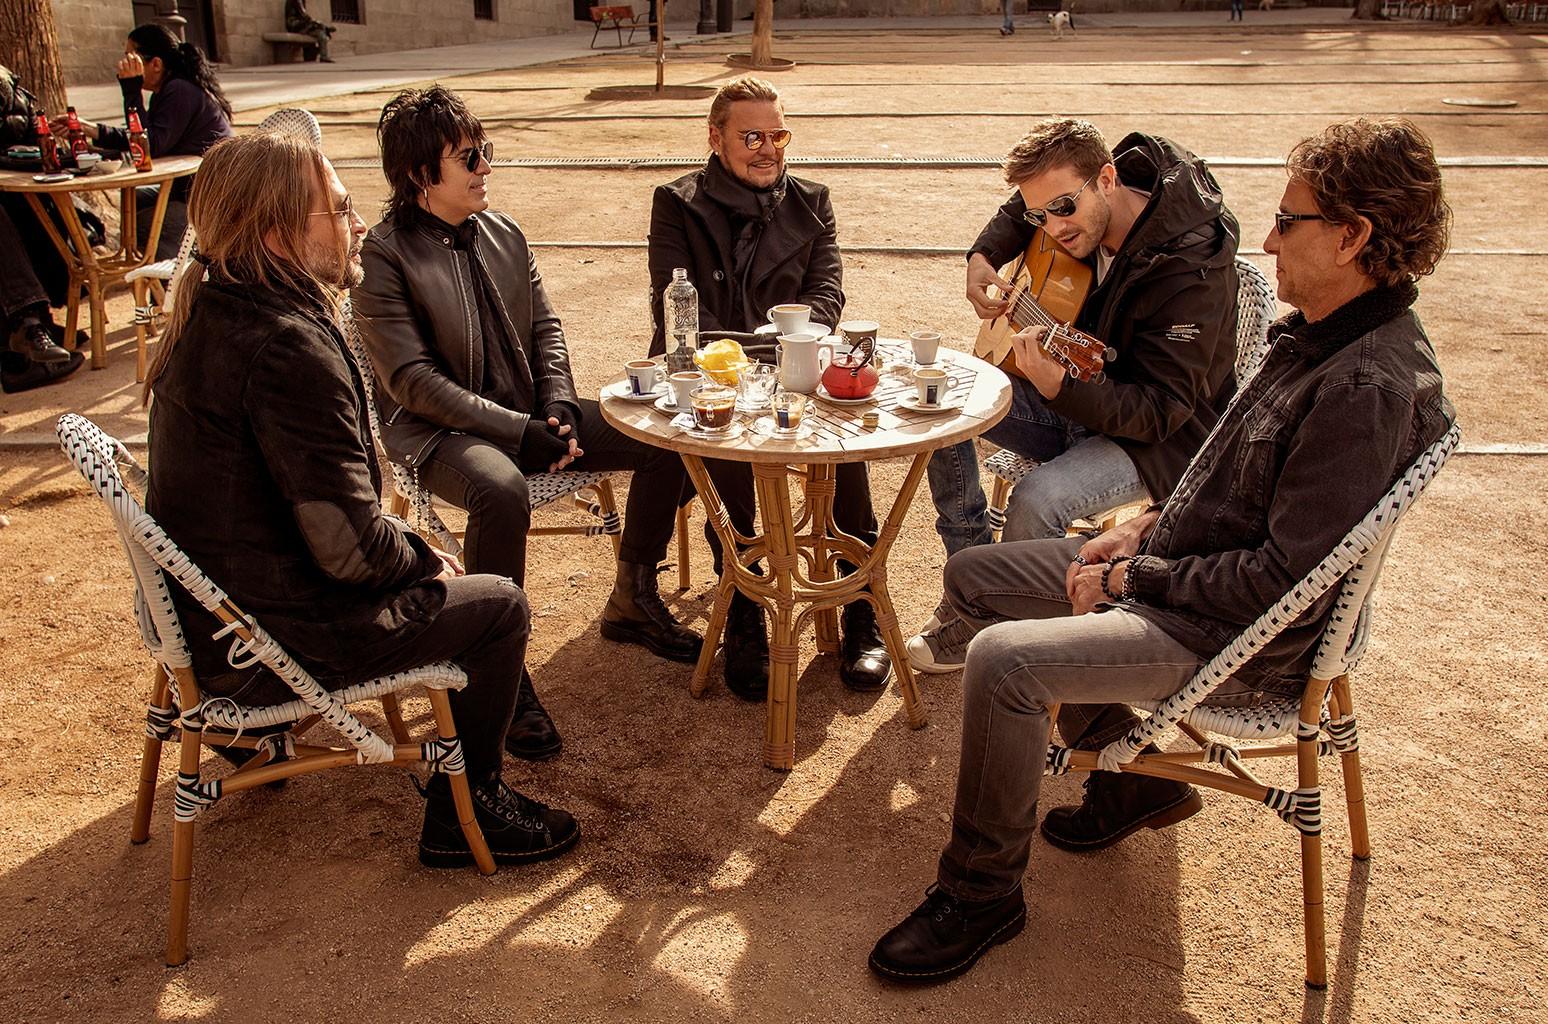 Mana S Rayando El Sol Original Song Vs New Pablo Alborã N Collaboration Billboard Billboard